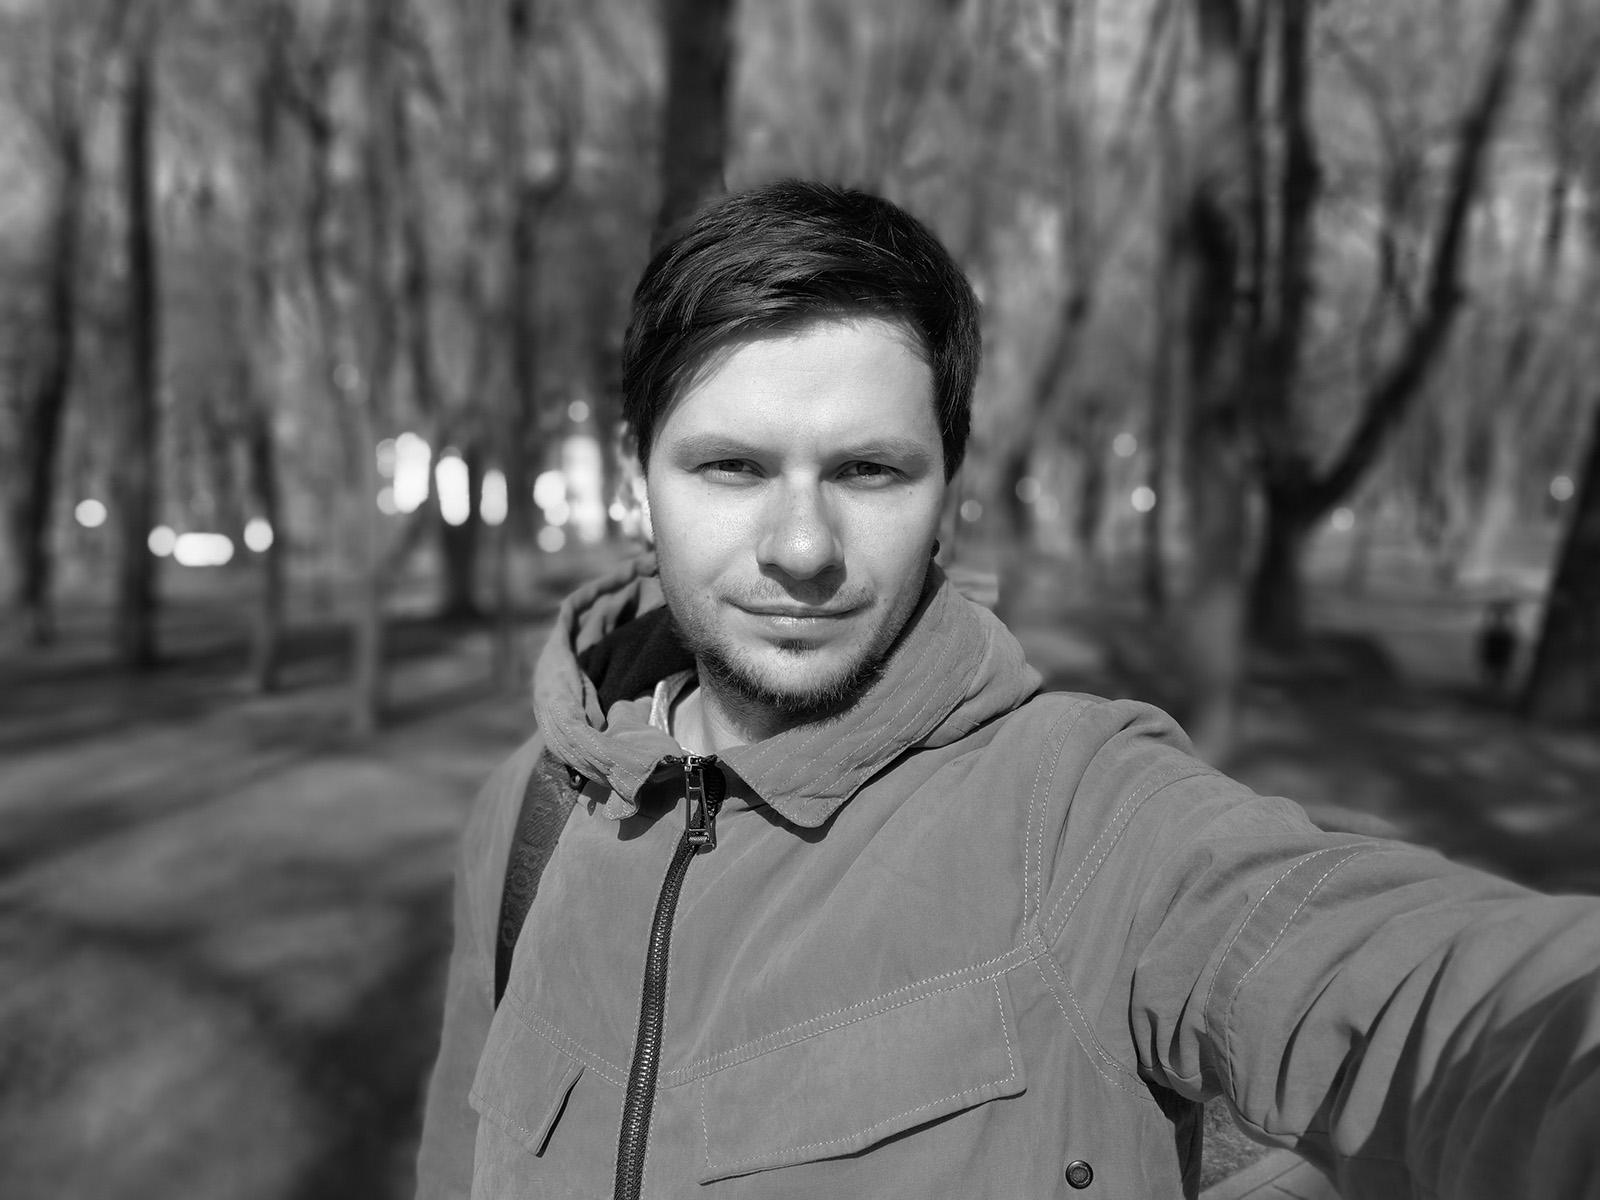 Пример черно-белого портрета с камеры Huawei P10